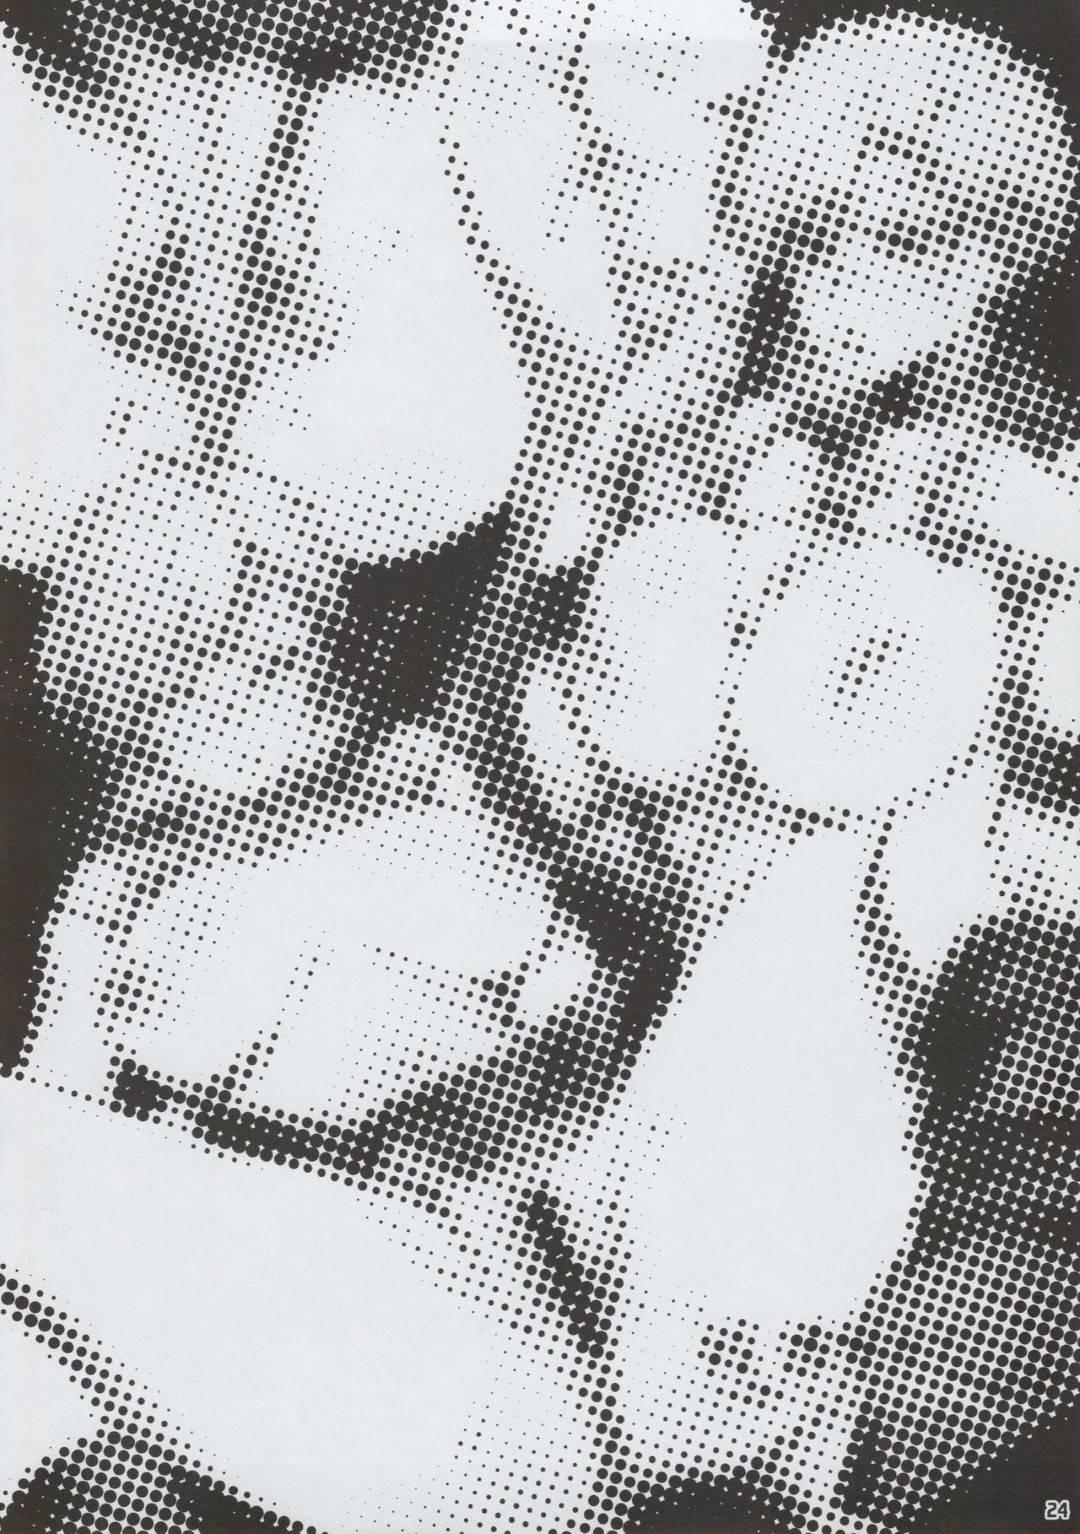 【エロ同人誌】(C93)雑魚敵のはずが透明なせいで苦戦しているウラヌス…わざとらしく問い詰める雑魚敵に弱いところを弄られ戦闘中に絶頂してしまう!【流弾屋 (BANG-YOU):ウラヌスさんvs透明人間/美少女戦士セーラームーン】